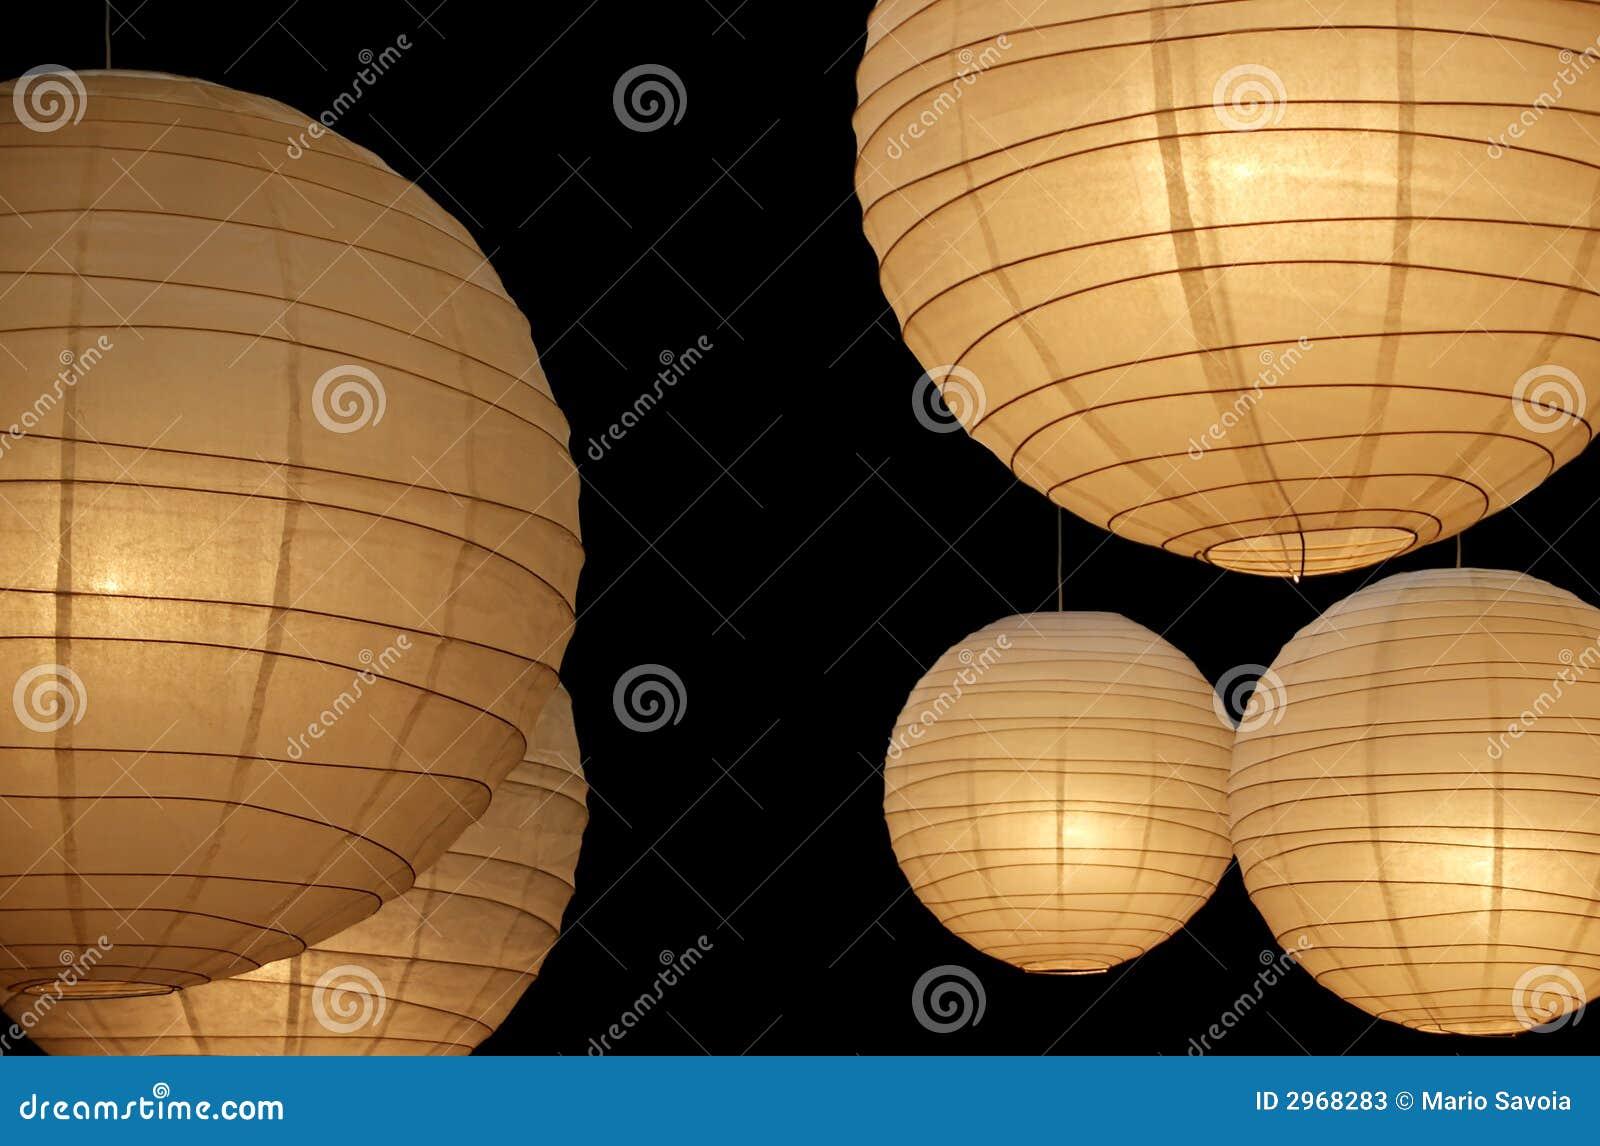 Come creare un lampadario di carta di riso fatto in casa lampadario